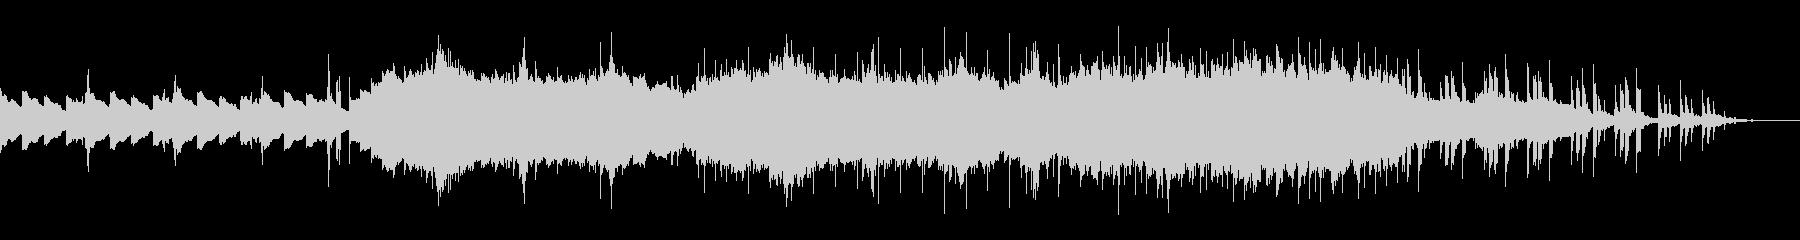 ピアノを基調としたエレクトロニカの未再生の波形